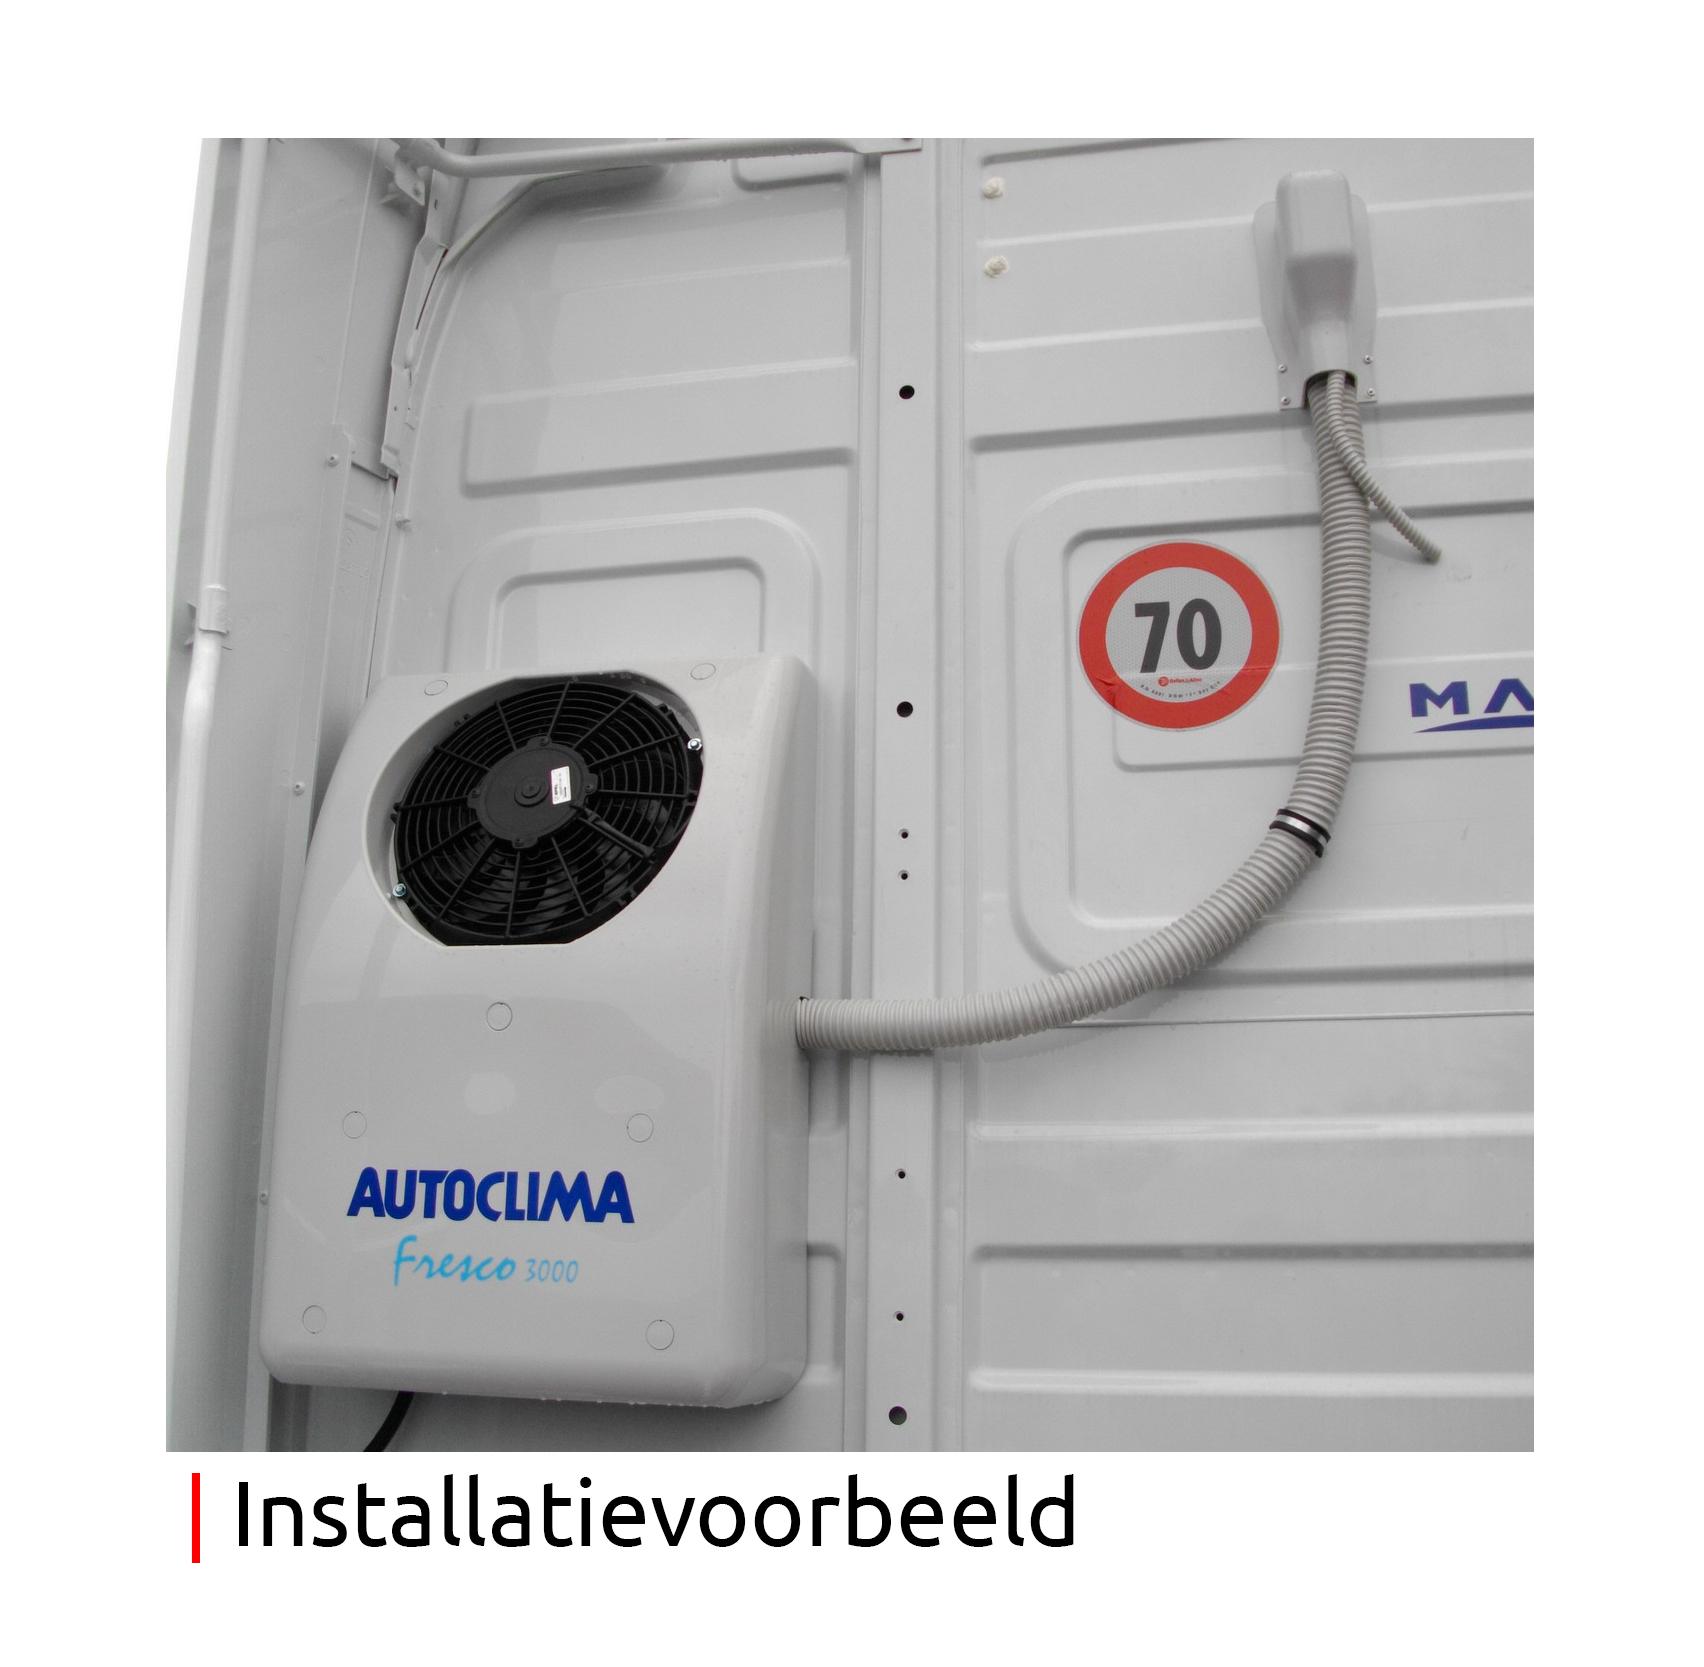 AUTOCLIMA Autoclima Fresco 3000 Back 24v 950W